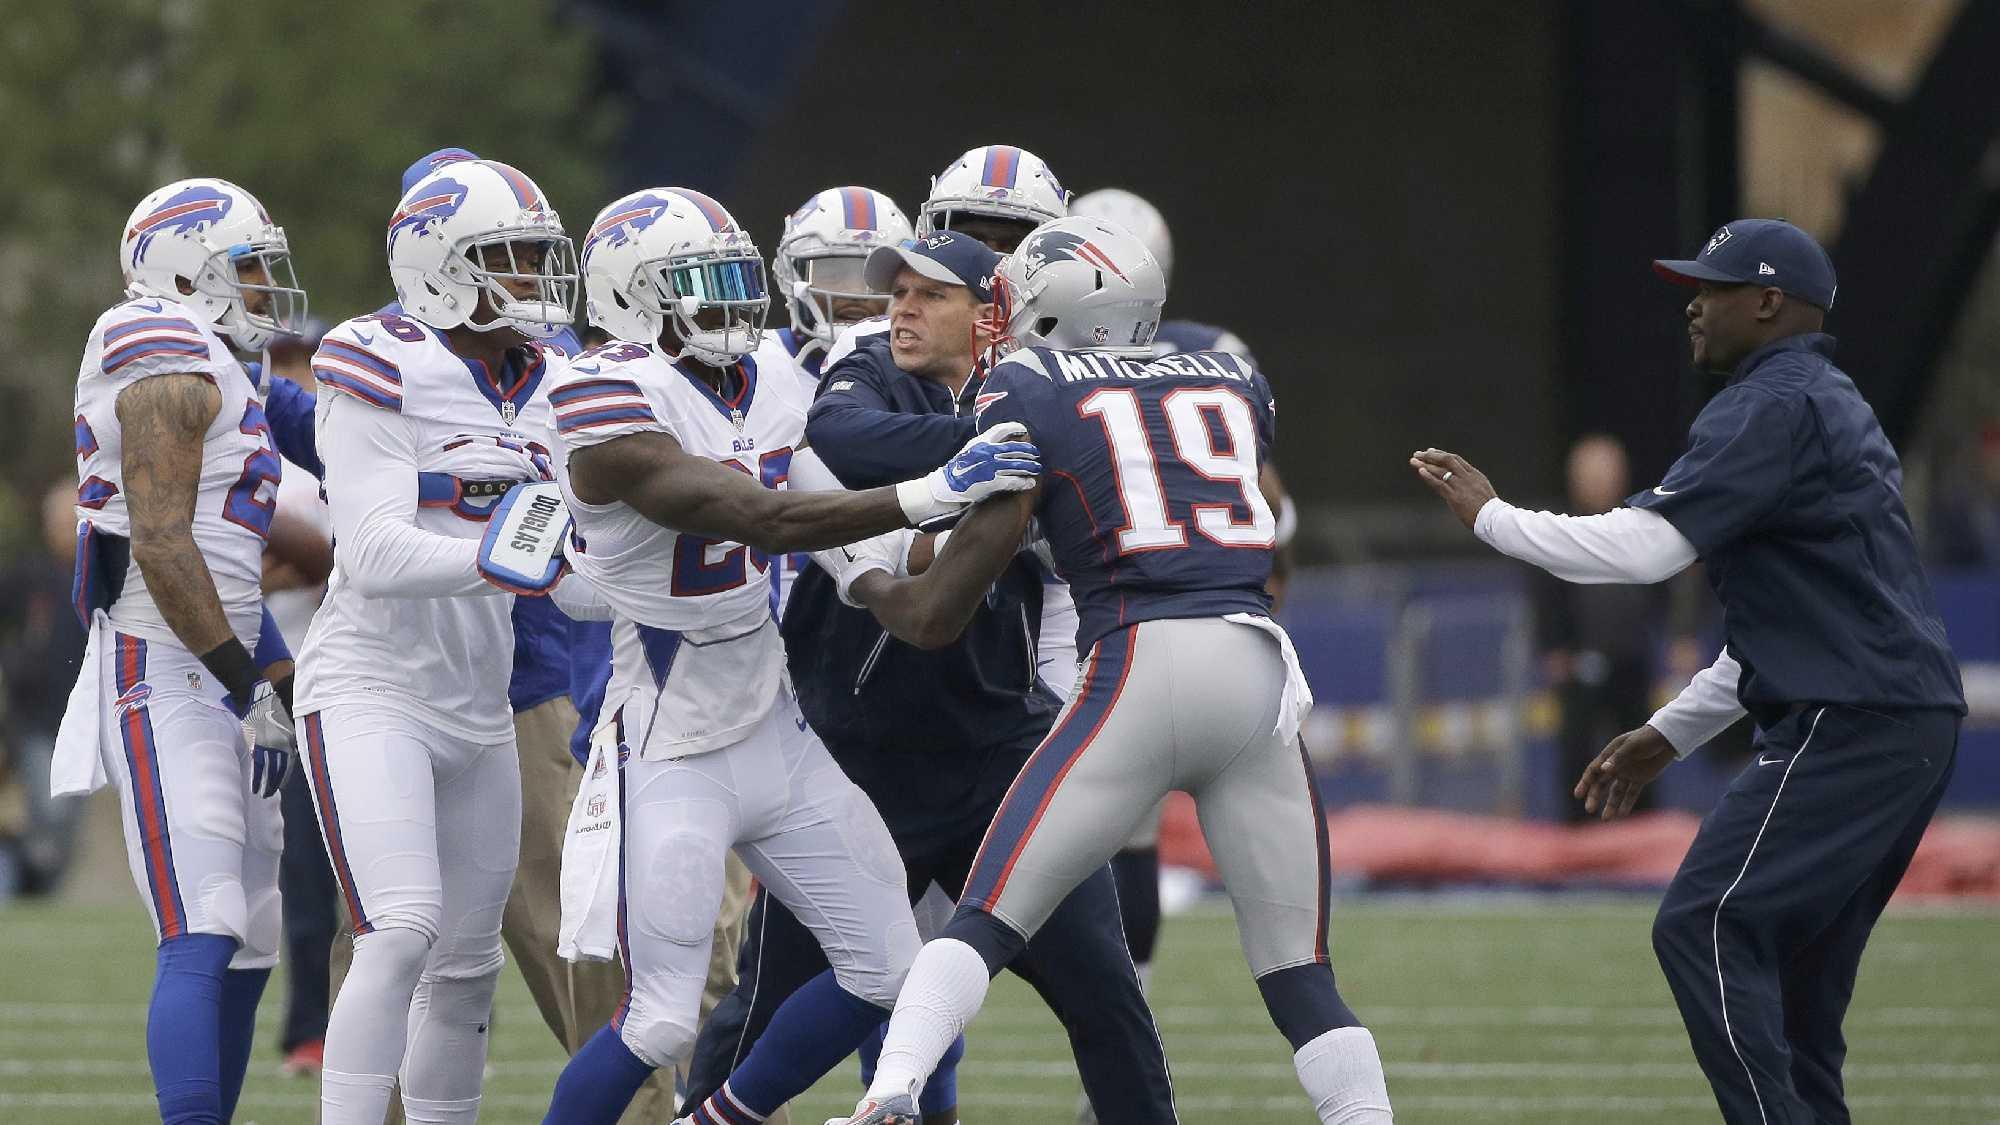 Bills Patriots shoving 1002 AP.jpg